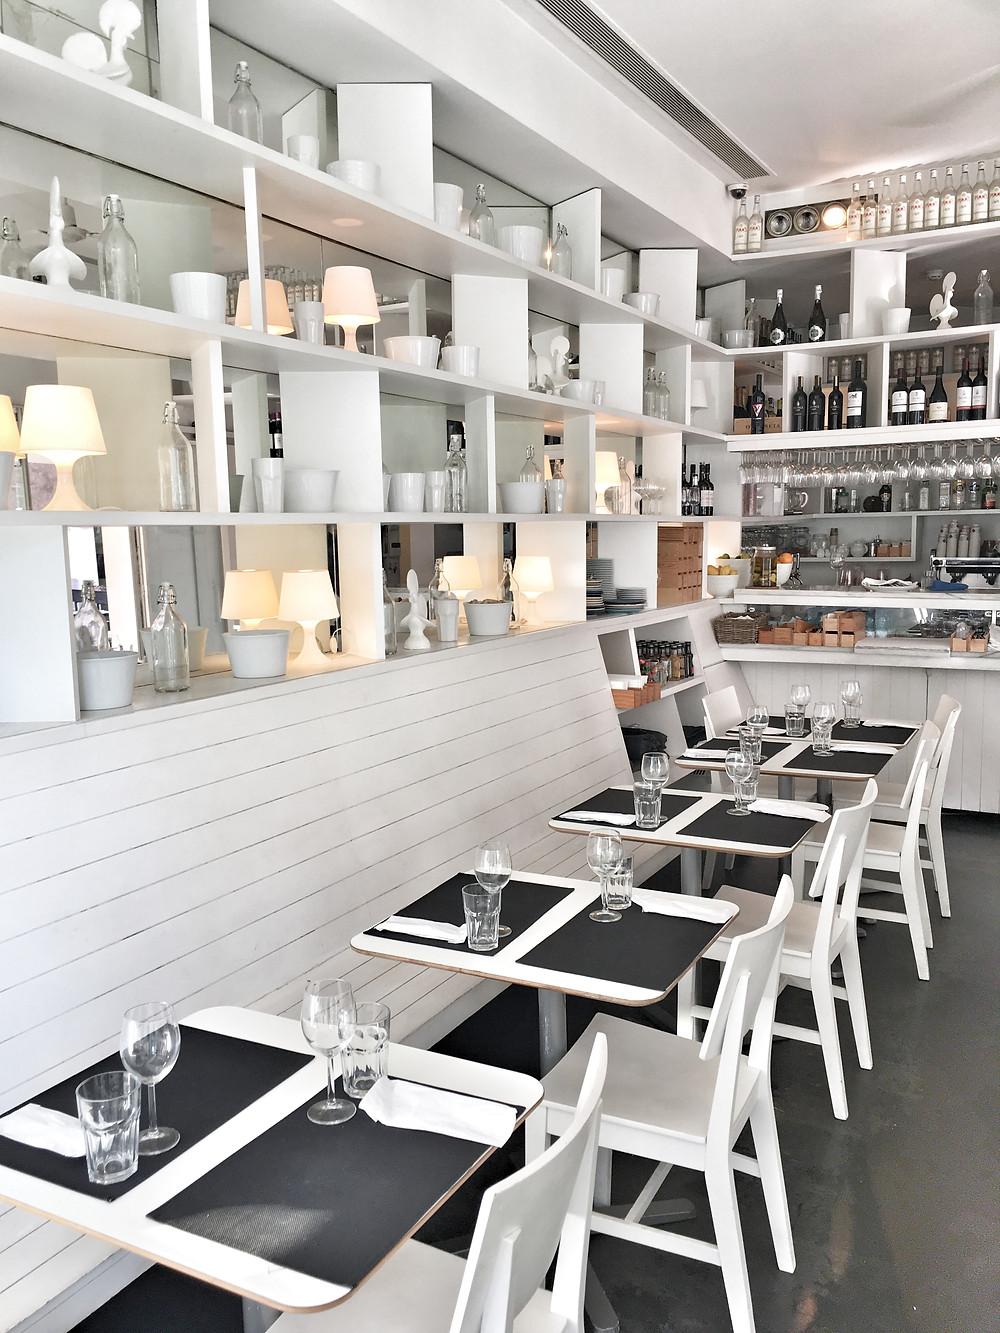 Pimms Café in Porto